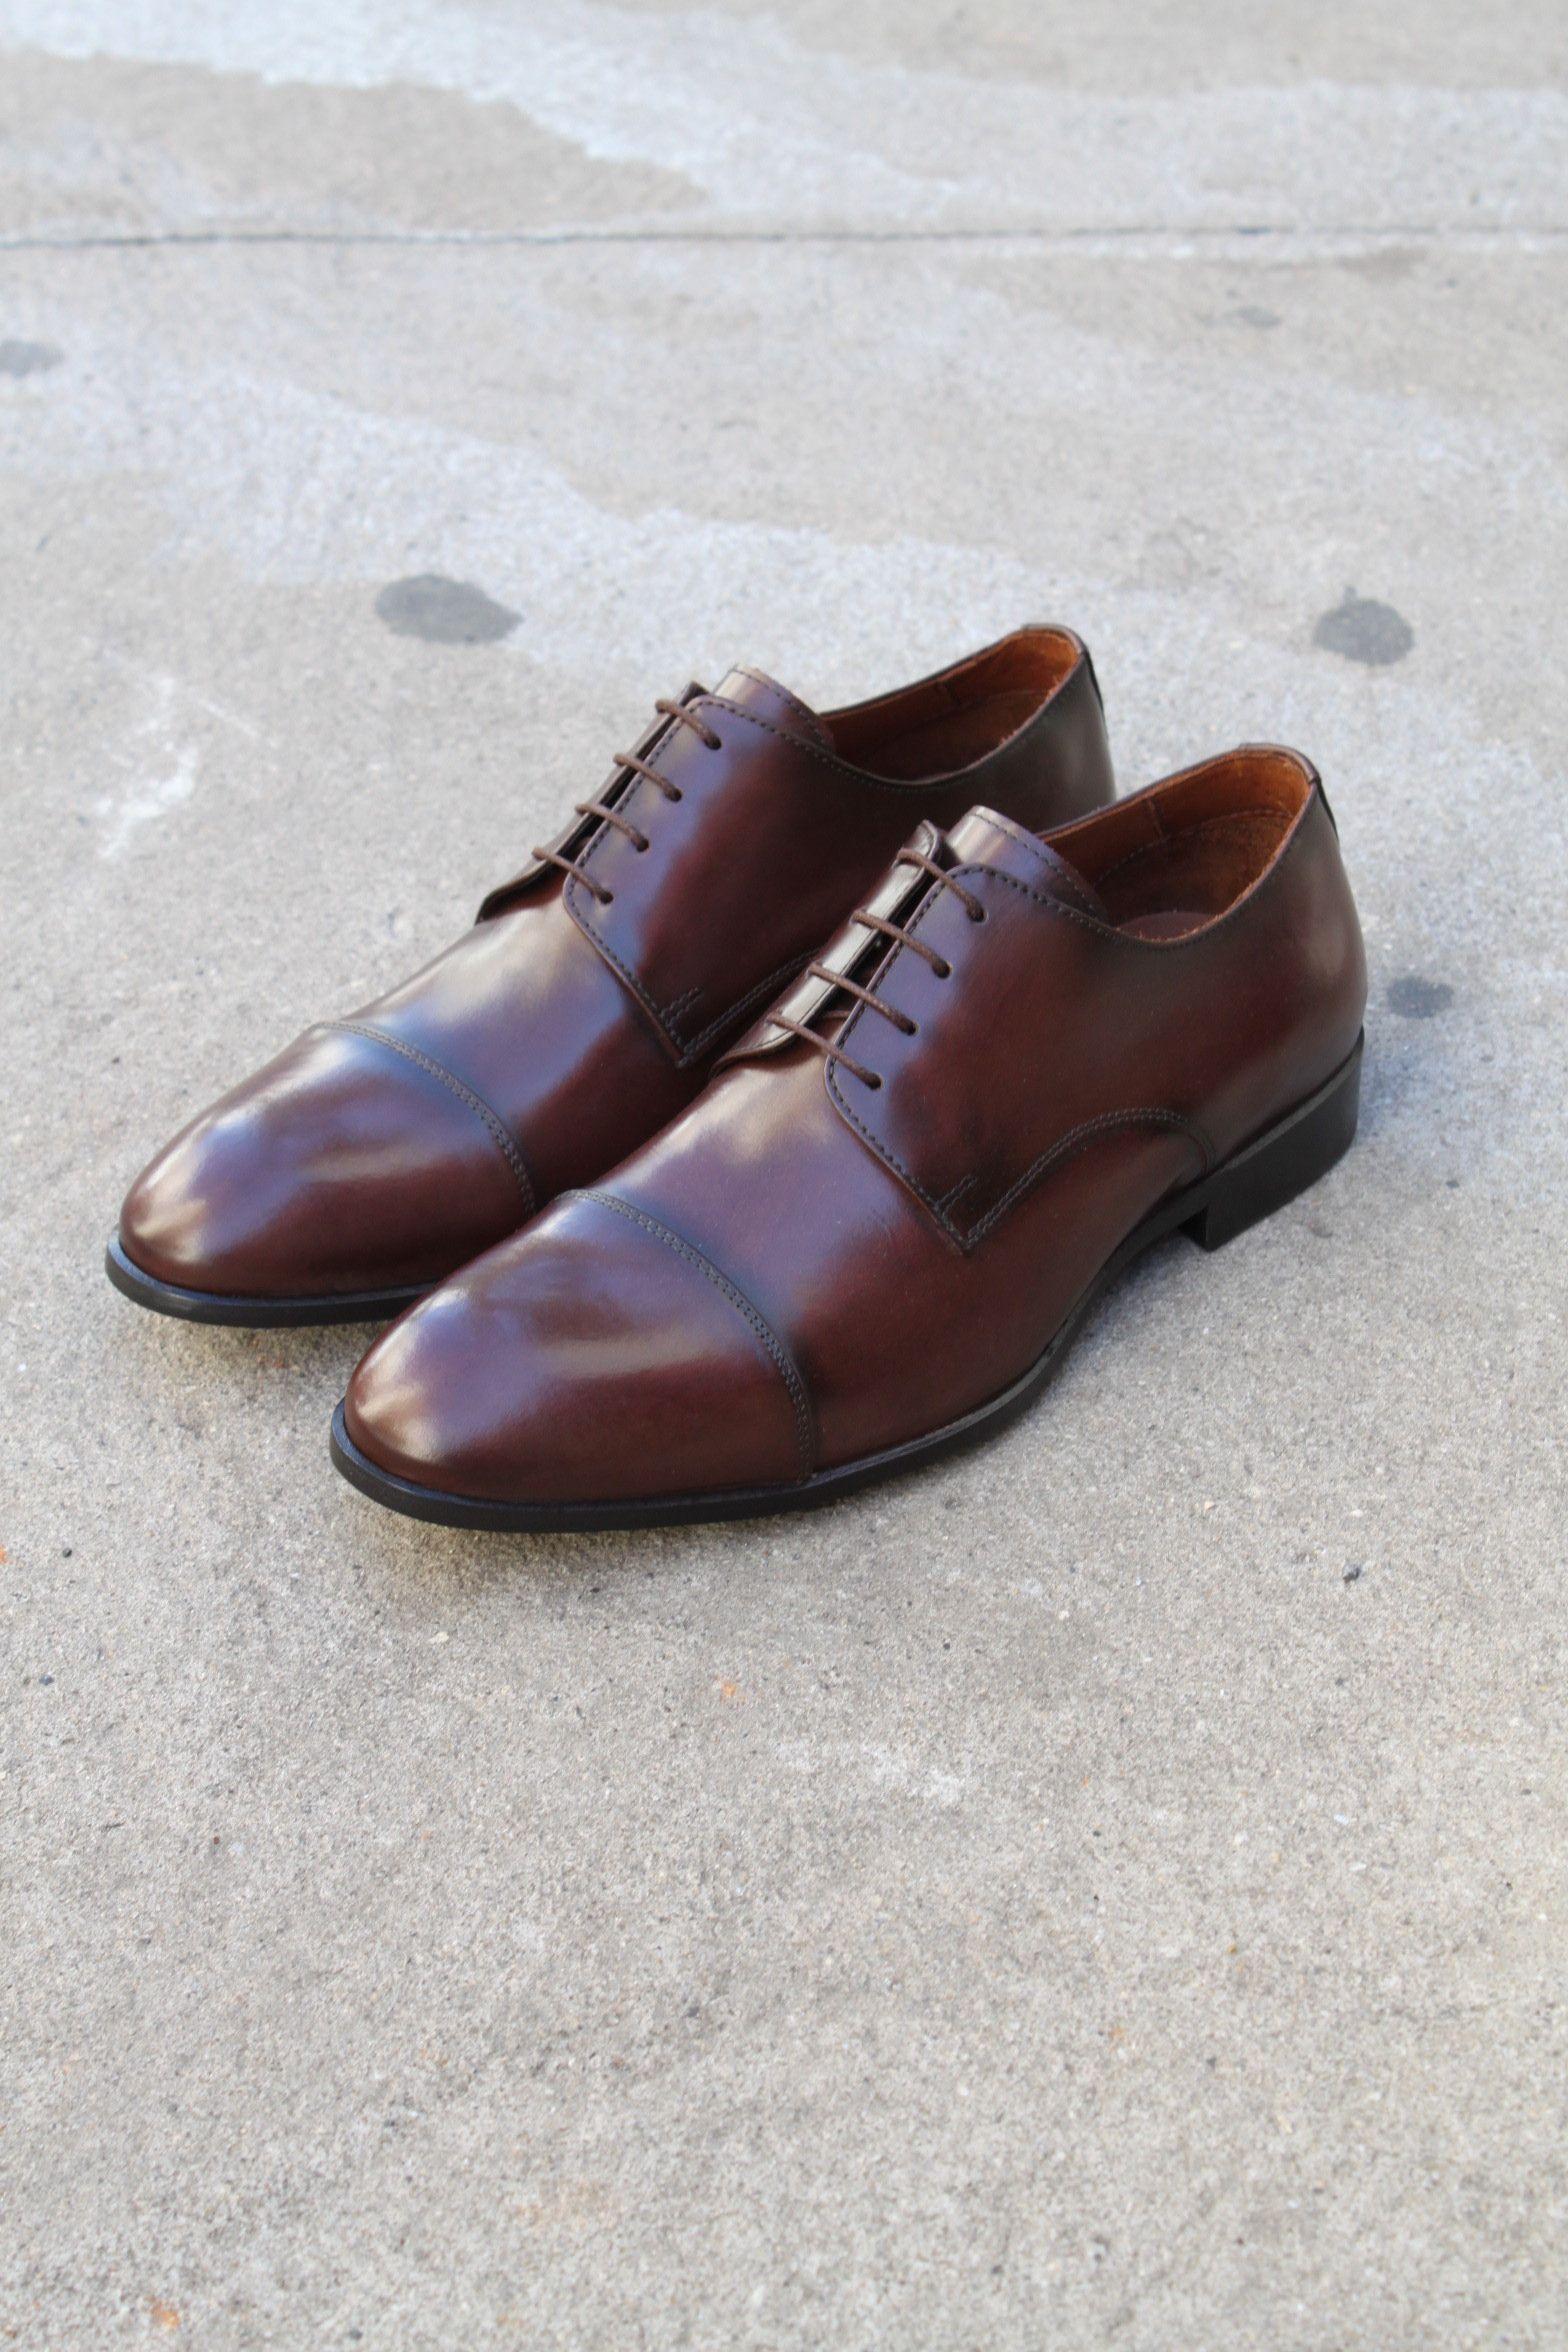 df04a7242 Sapato Social Masculino Derby CNS Henri em Couro cor Mouro, com sola de  couro e